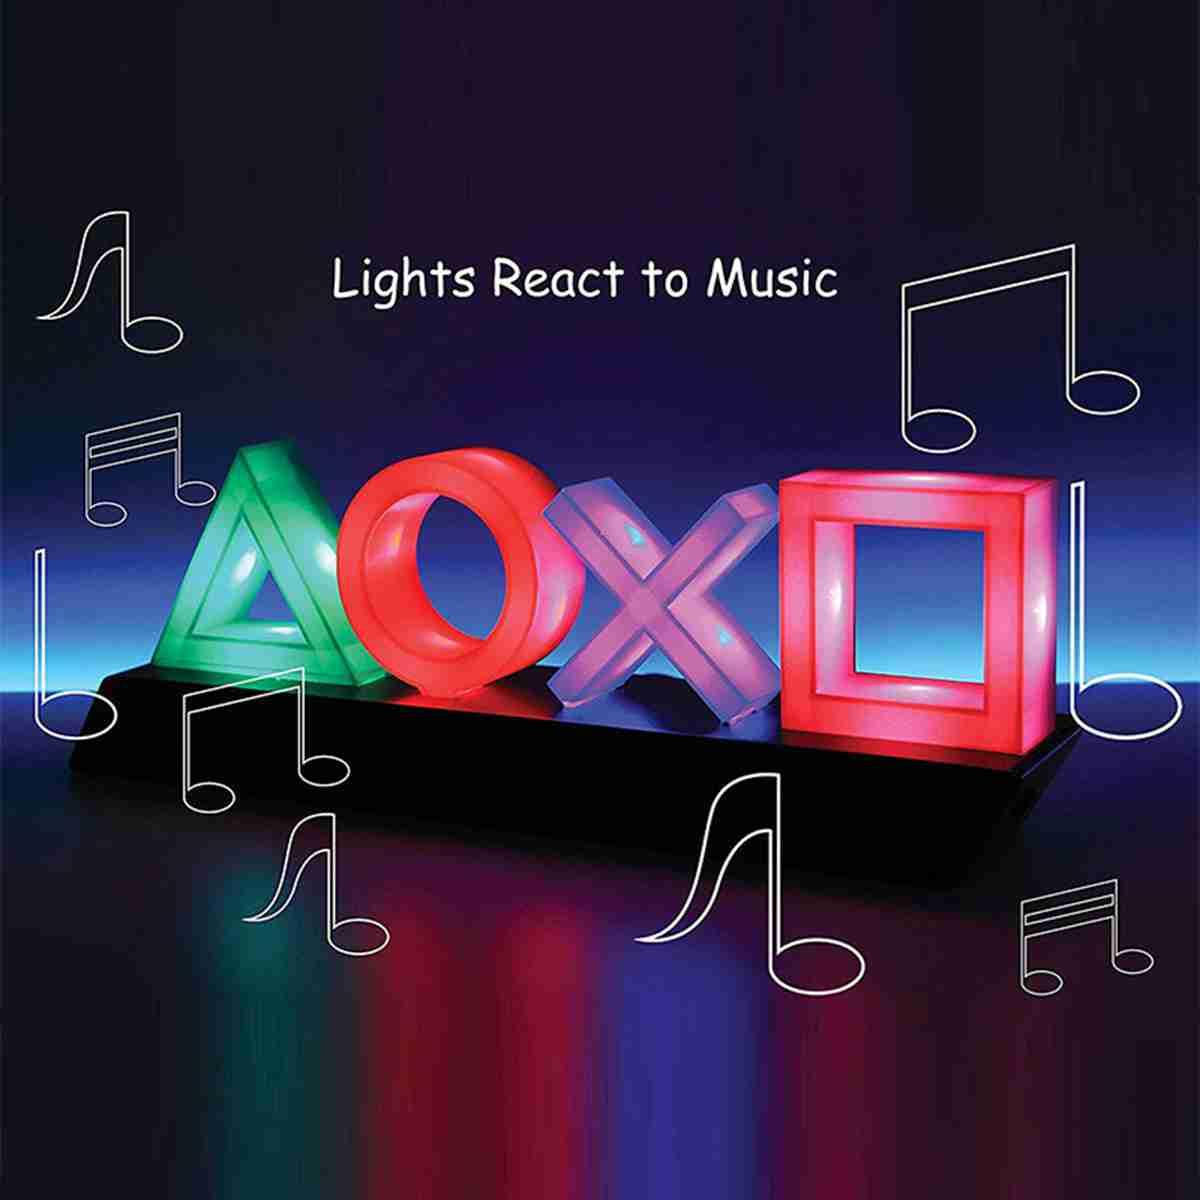 Voice Control Atmosphäre Neon Licht Bar Acryl Dekorative Lampe Dimmbare Bar Club KTV Wand Dekoration Kommerziellen Beleuchtung